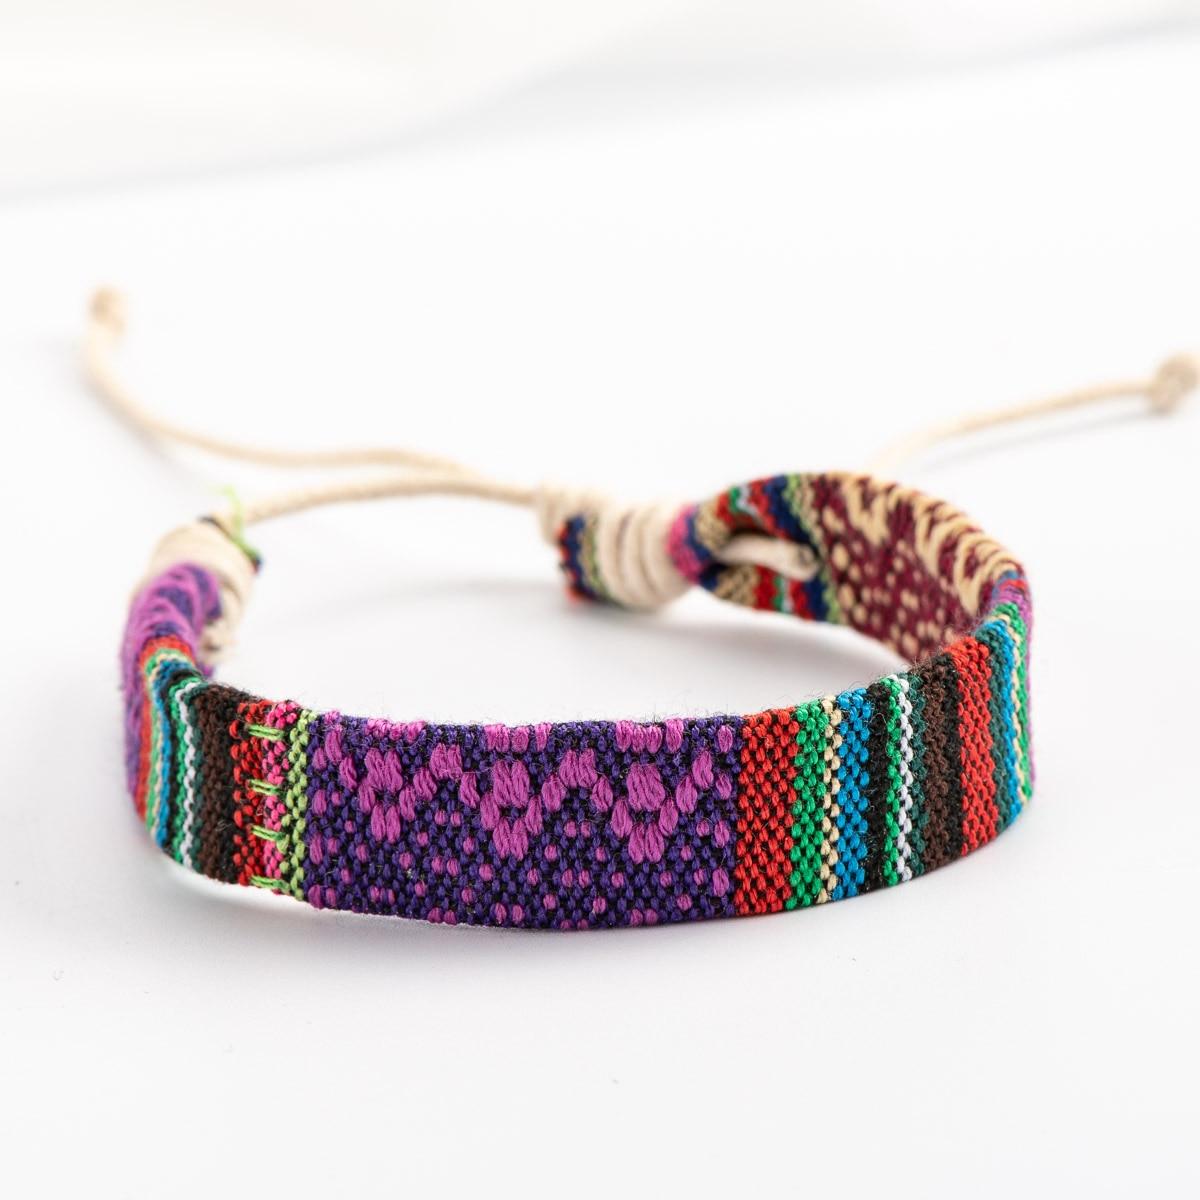 Браслет из веревки ручной работы, меморский браслет, классический стиль, винтажные подвески, веревки, браслеты # HY427